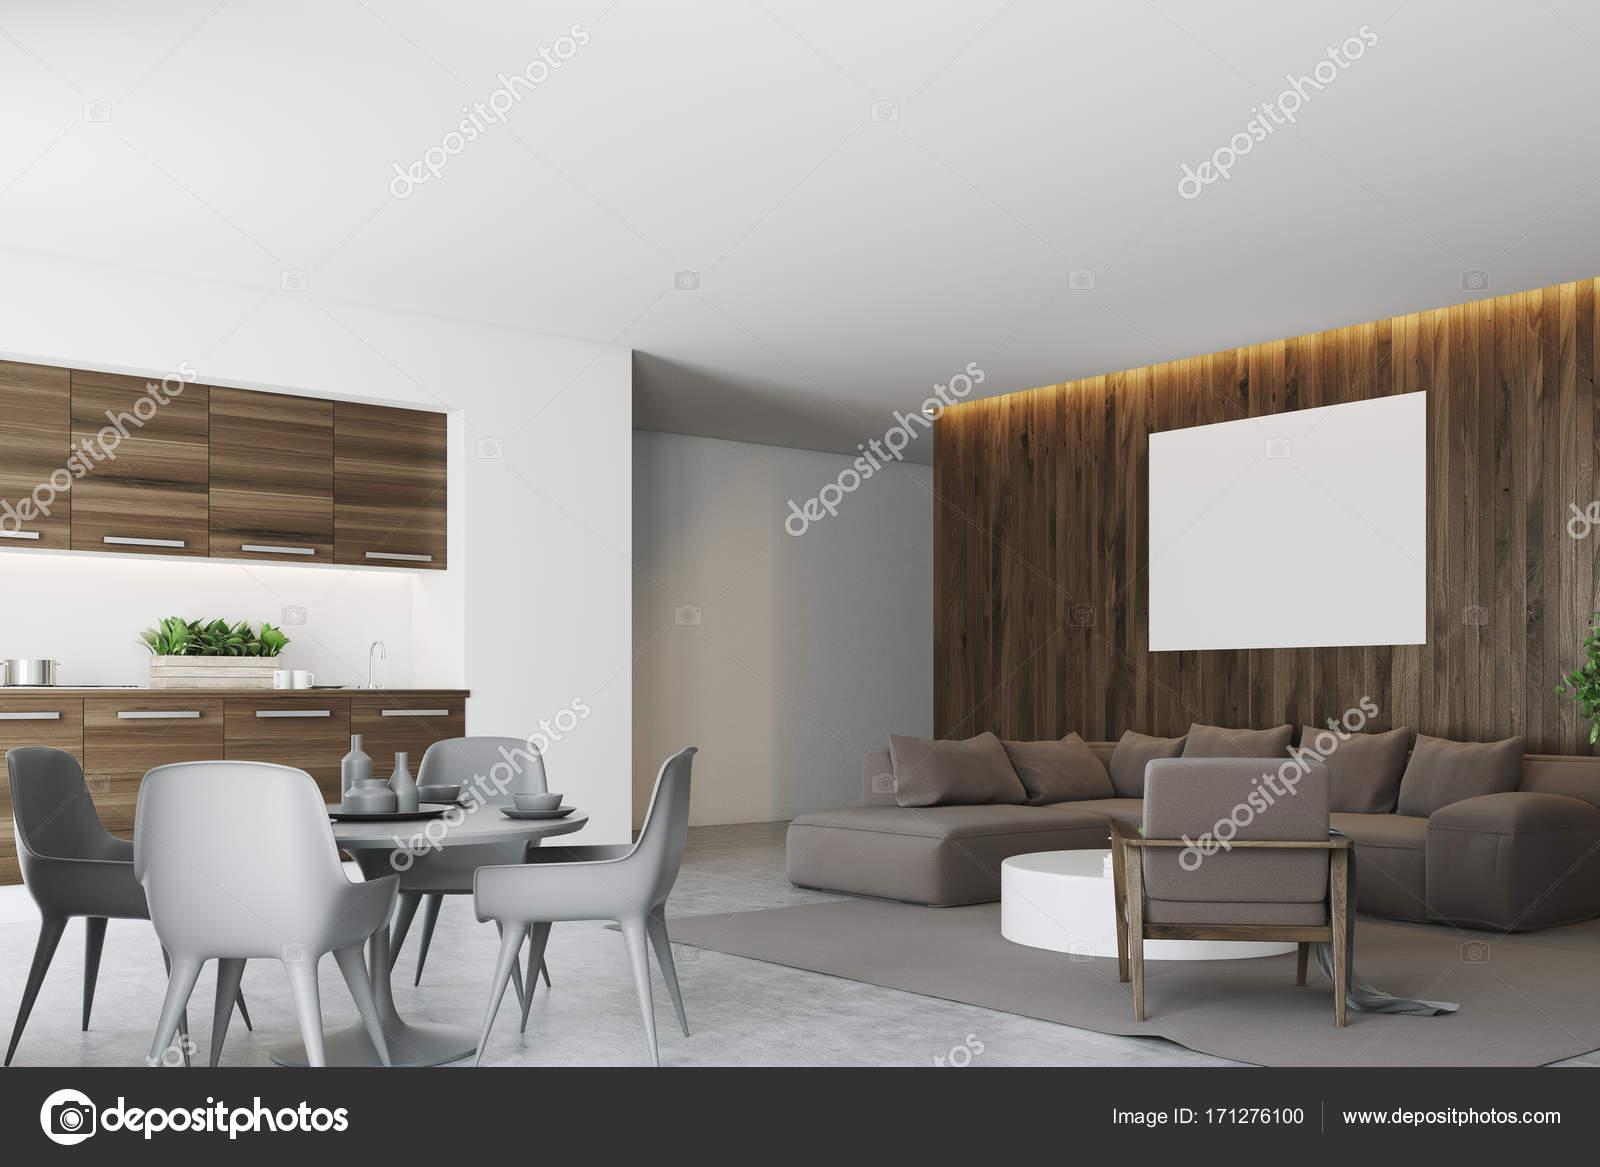 https://st3.depositphotos.com/2673929/17127/i/1600/depositphotos_171276100-stockafbeelding-witte-en-donkere-houten-woonkamer.jpg